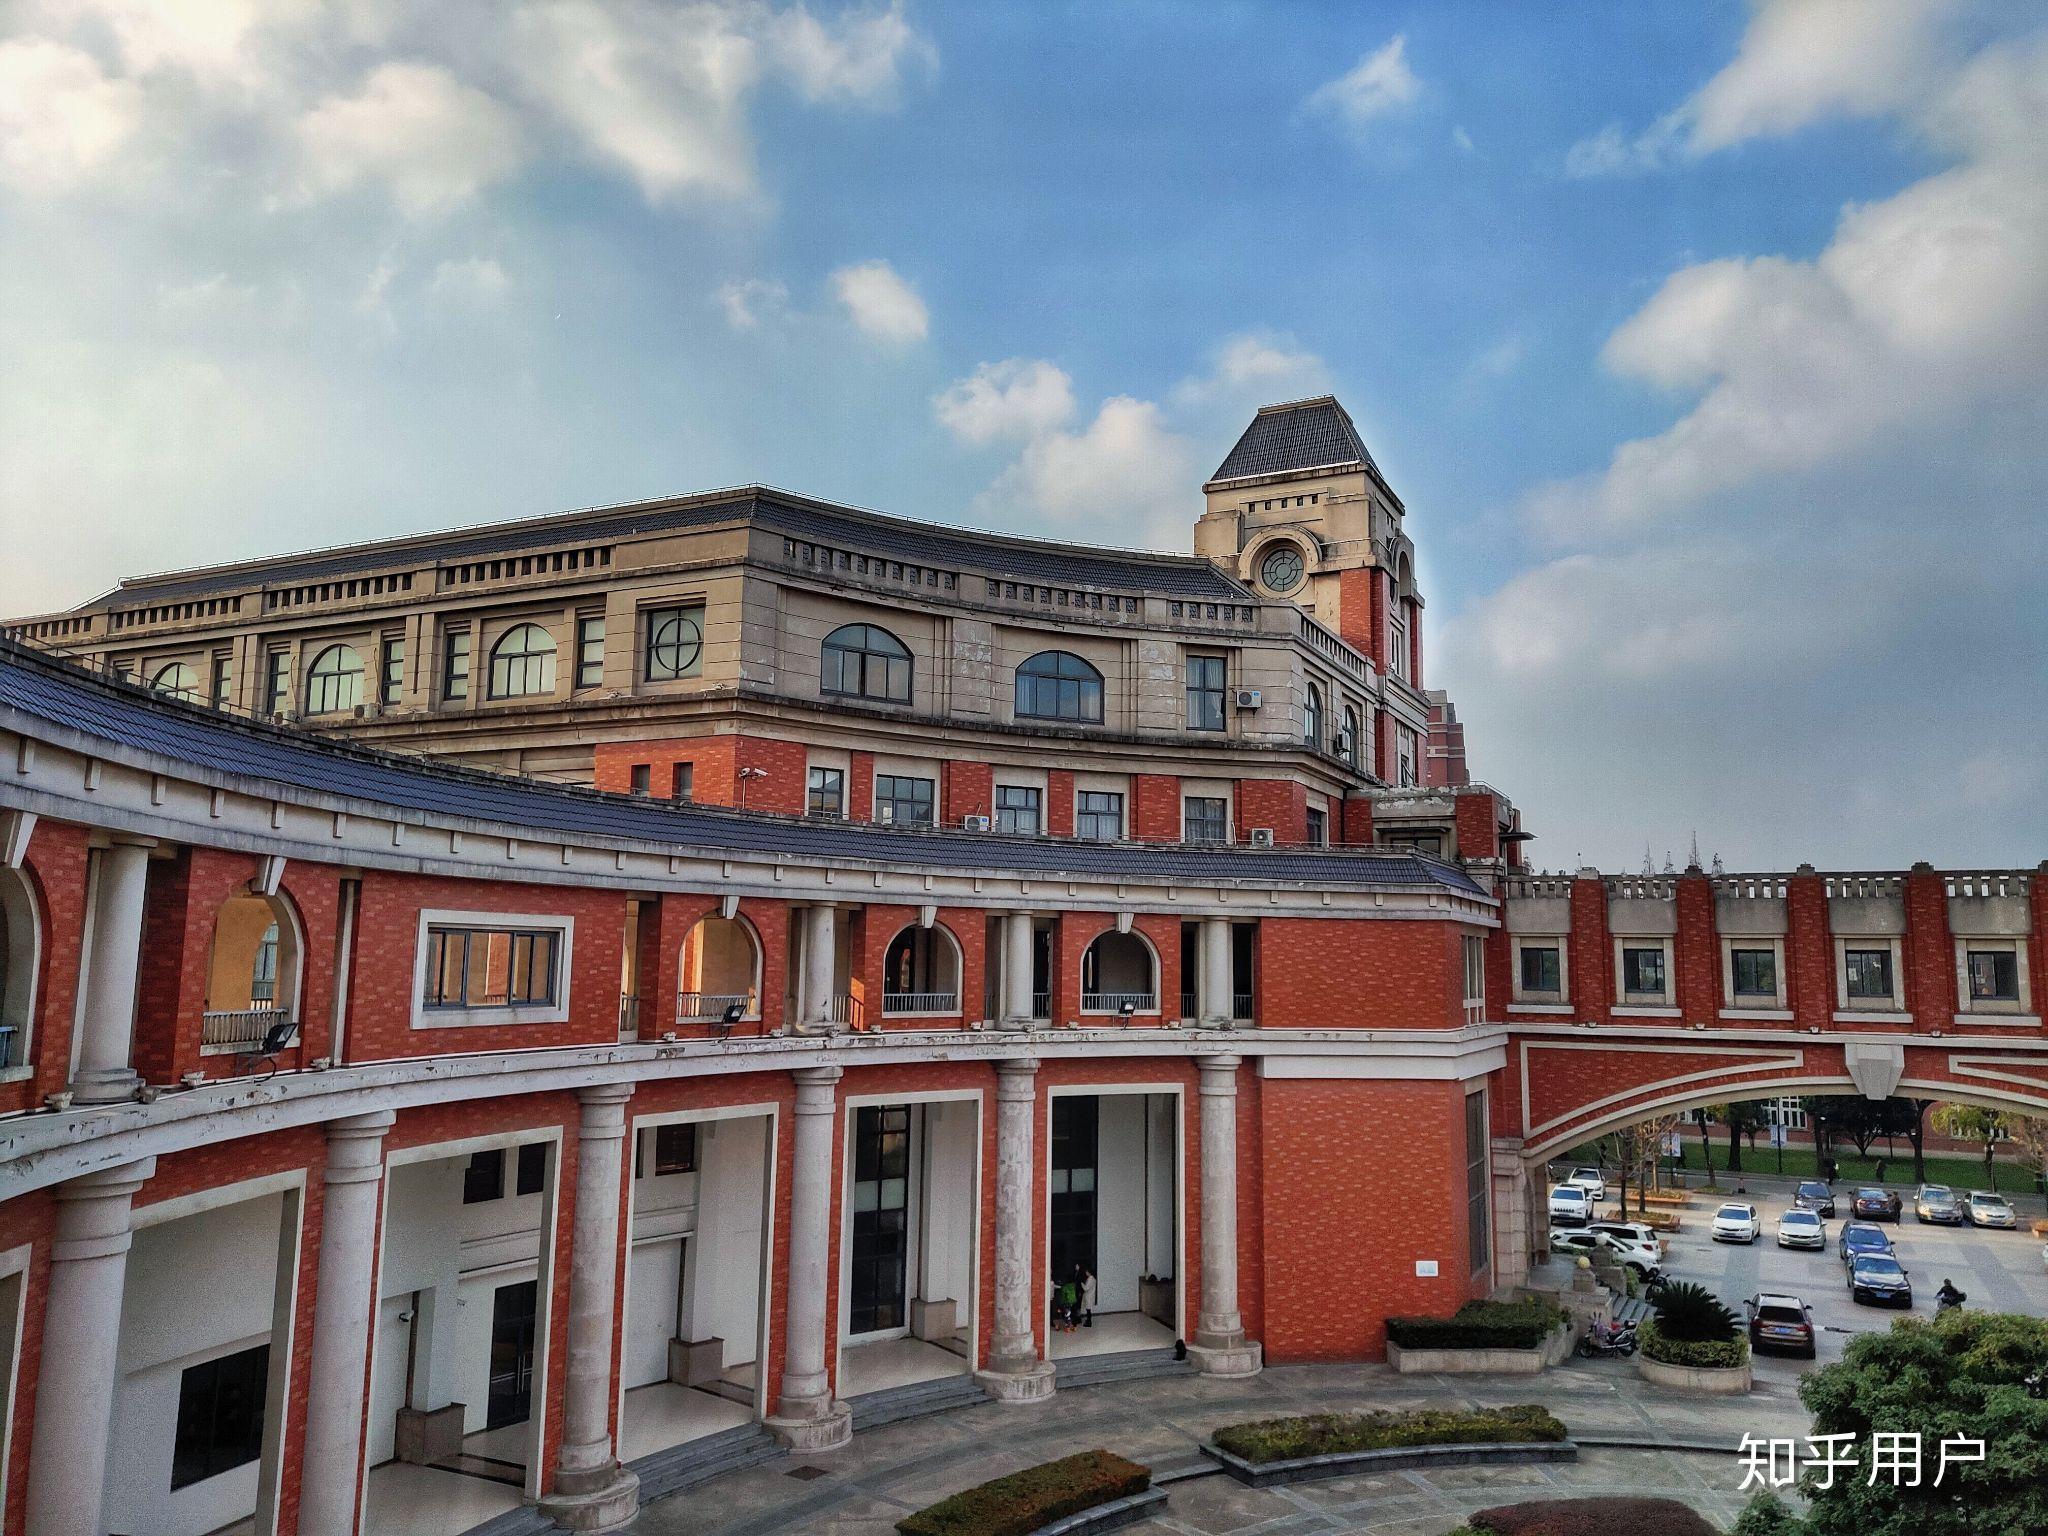 上海交大校园_上海理工大学的校园环境如何? - 知乎